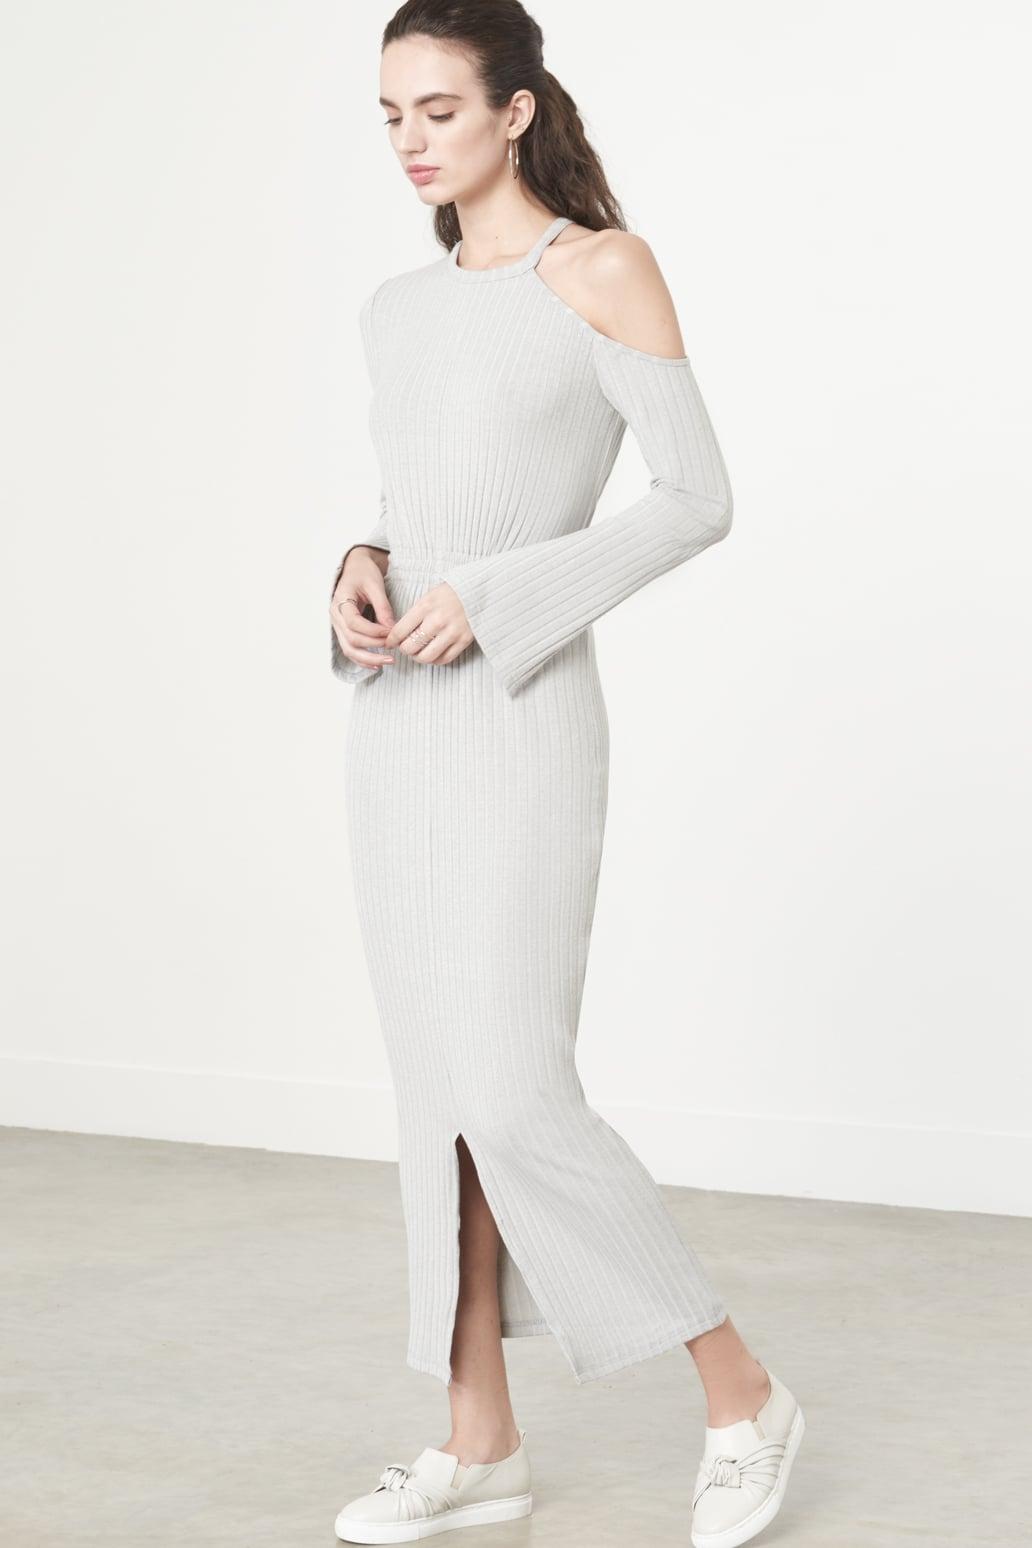 Cutaway Asymmetric Dress in Grey Knit